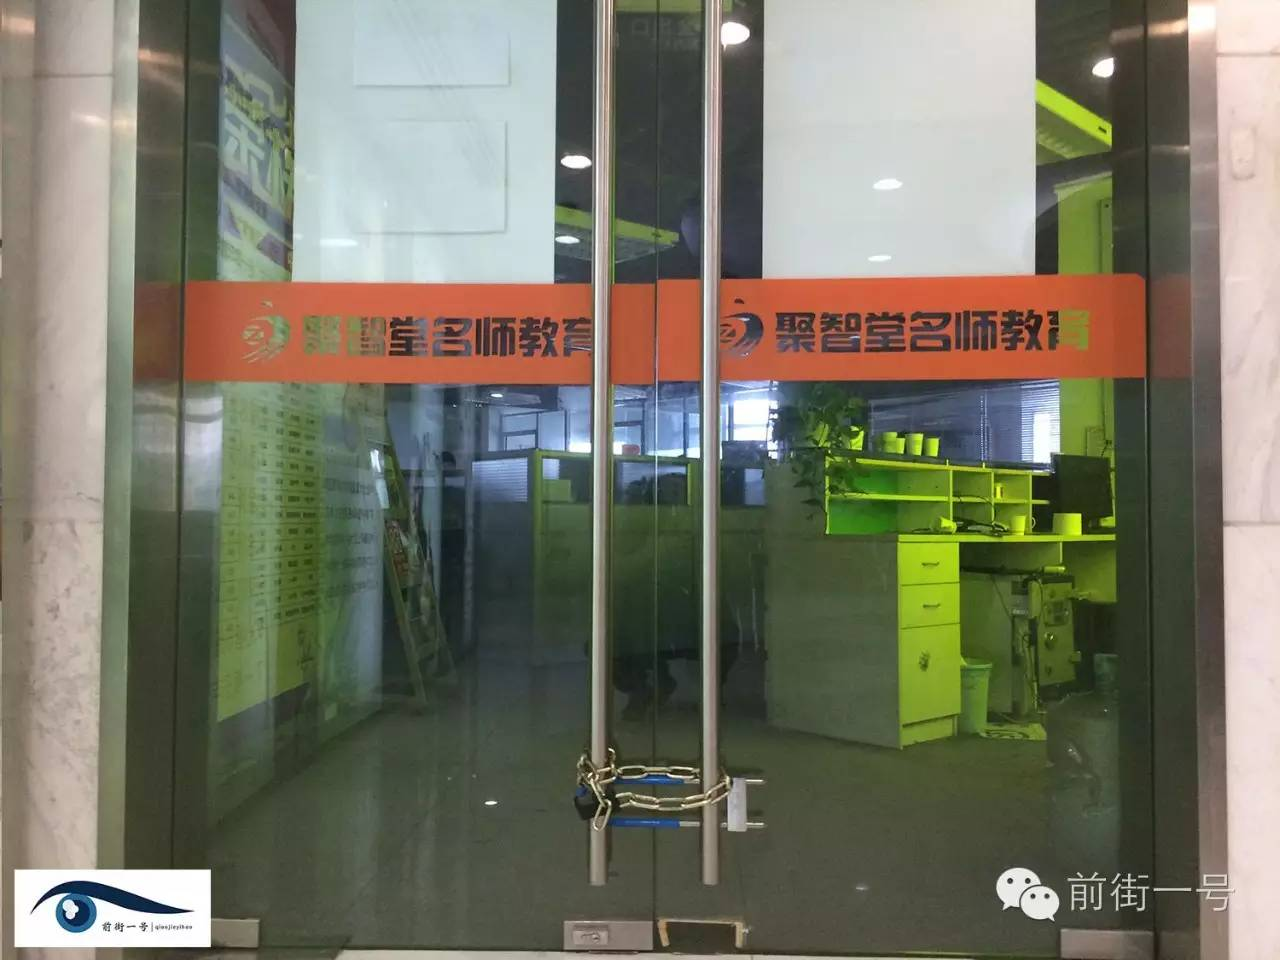 聚智堂分校区已经关门落锁